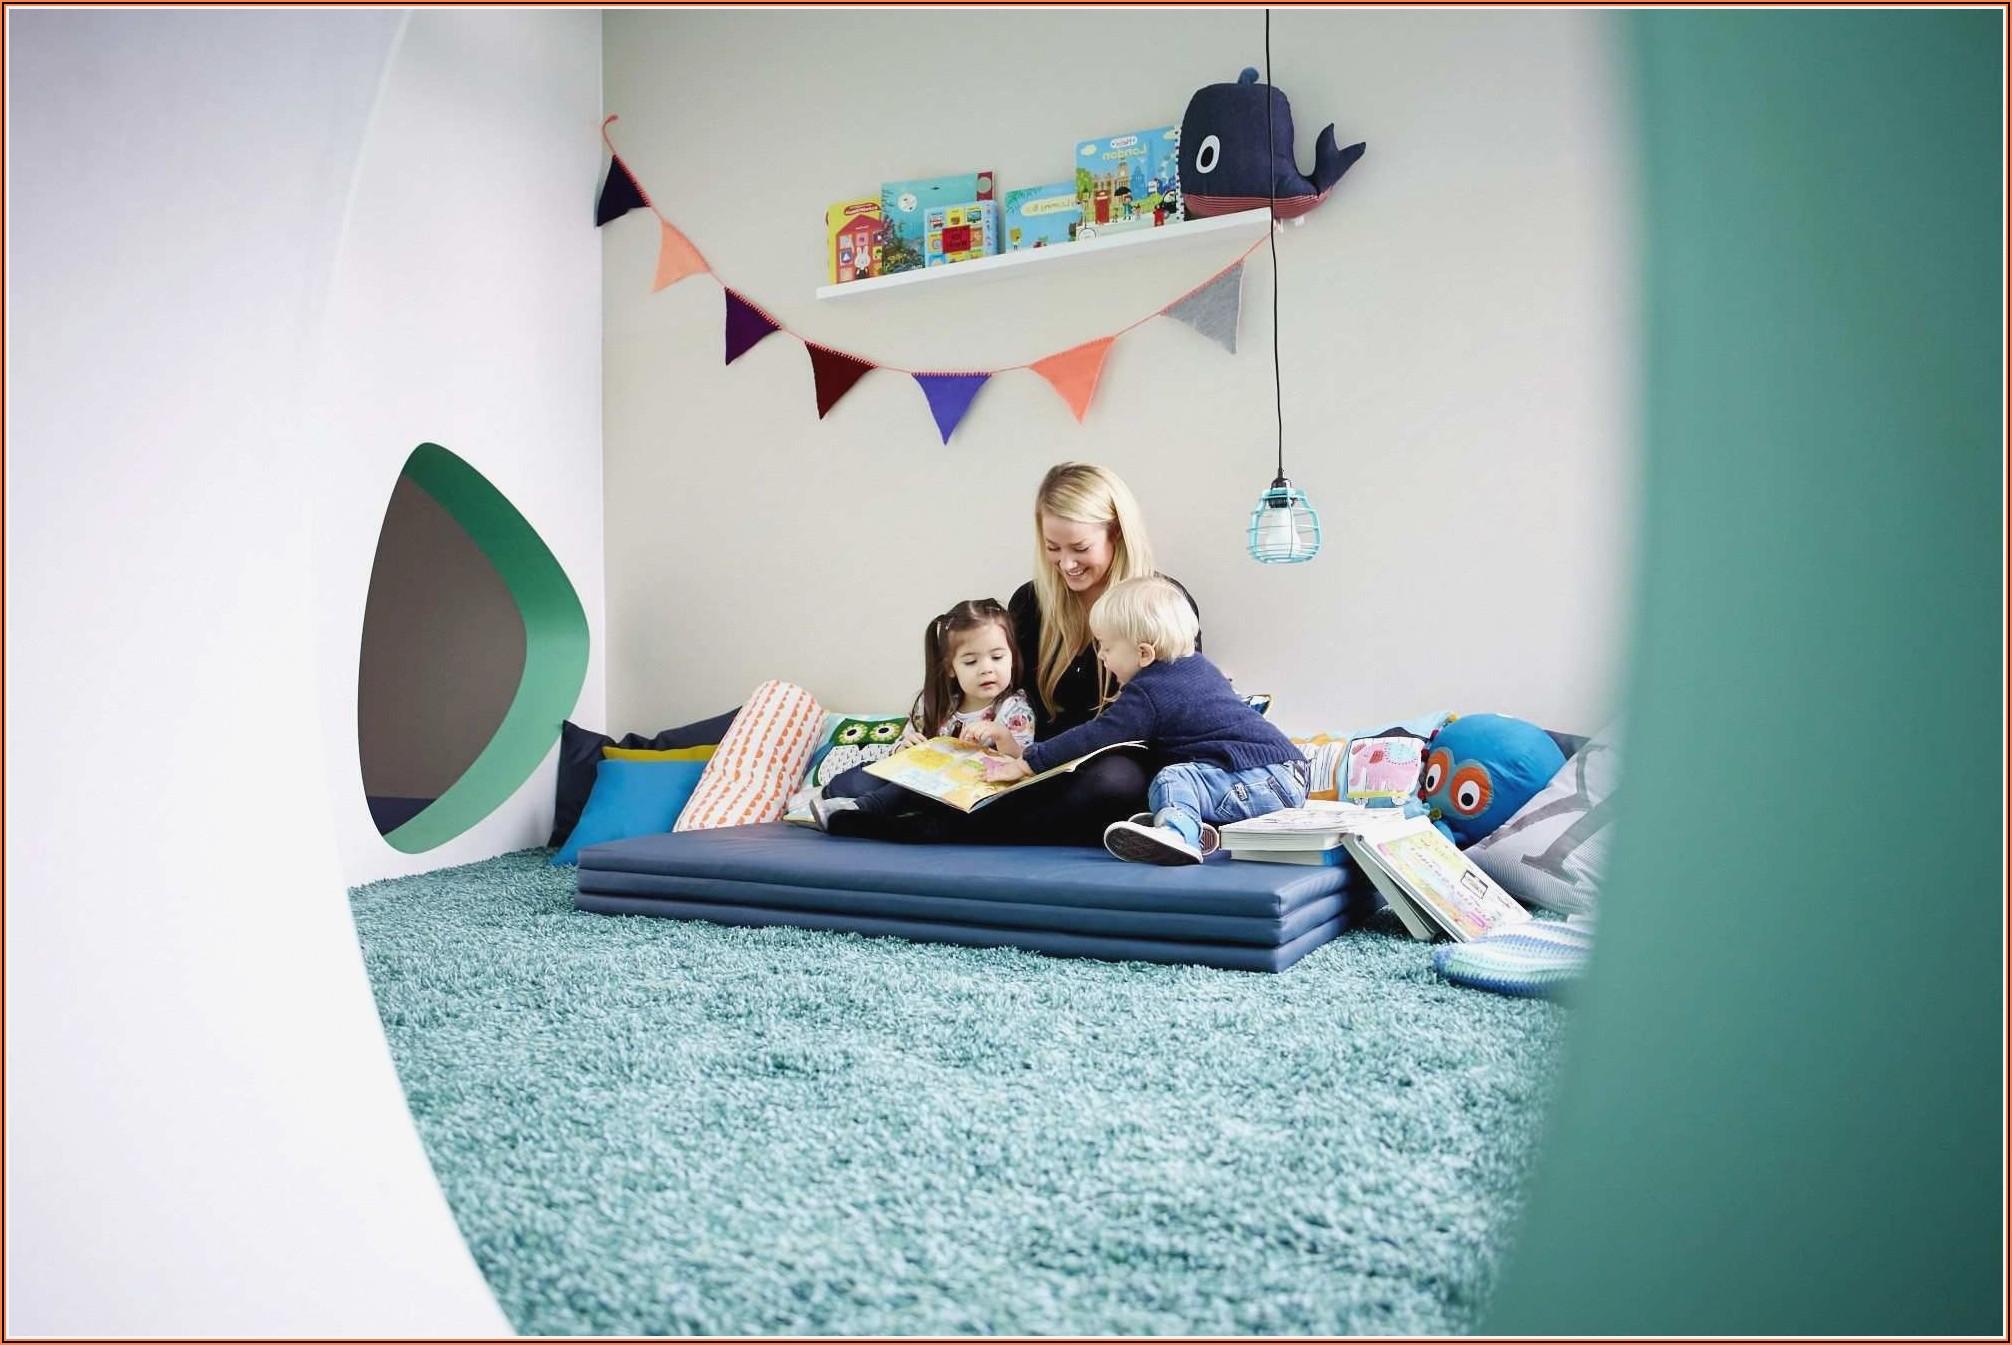 Kita Kinderzimmer Hamburg Kosten